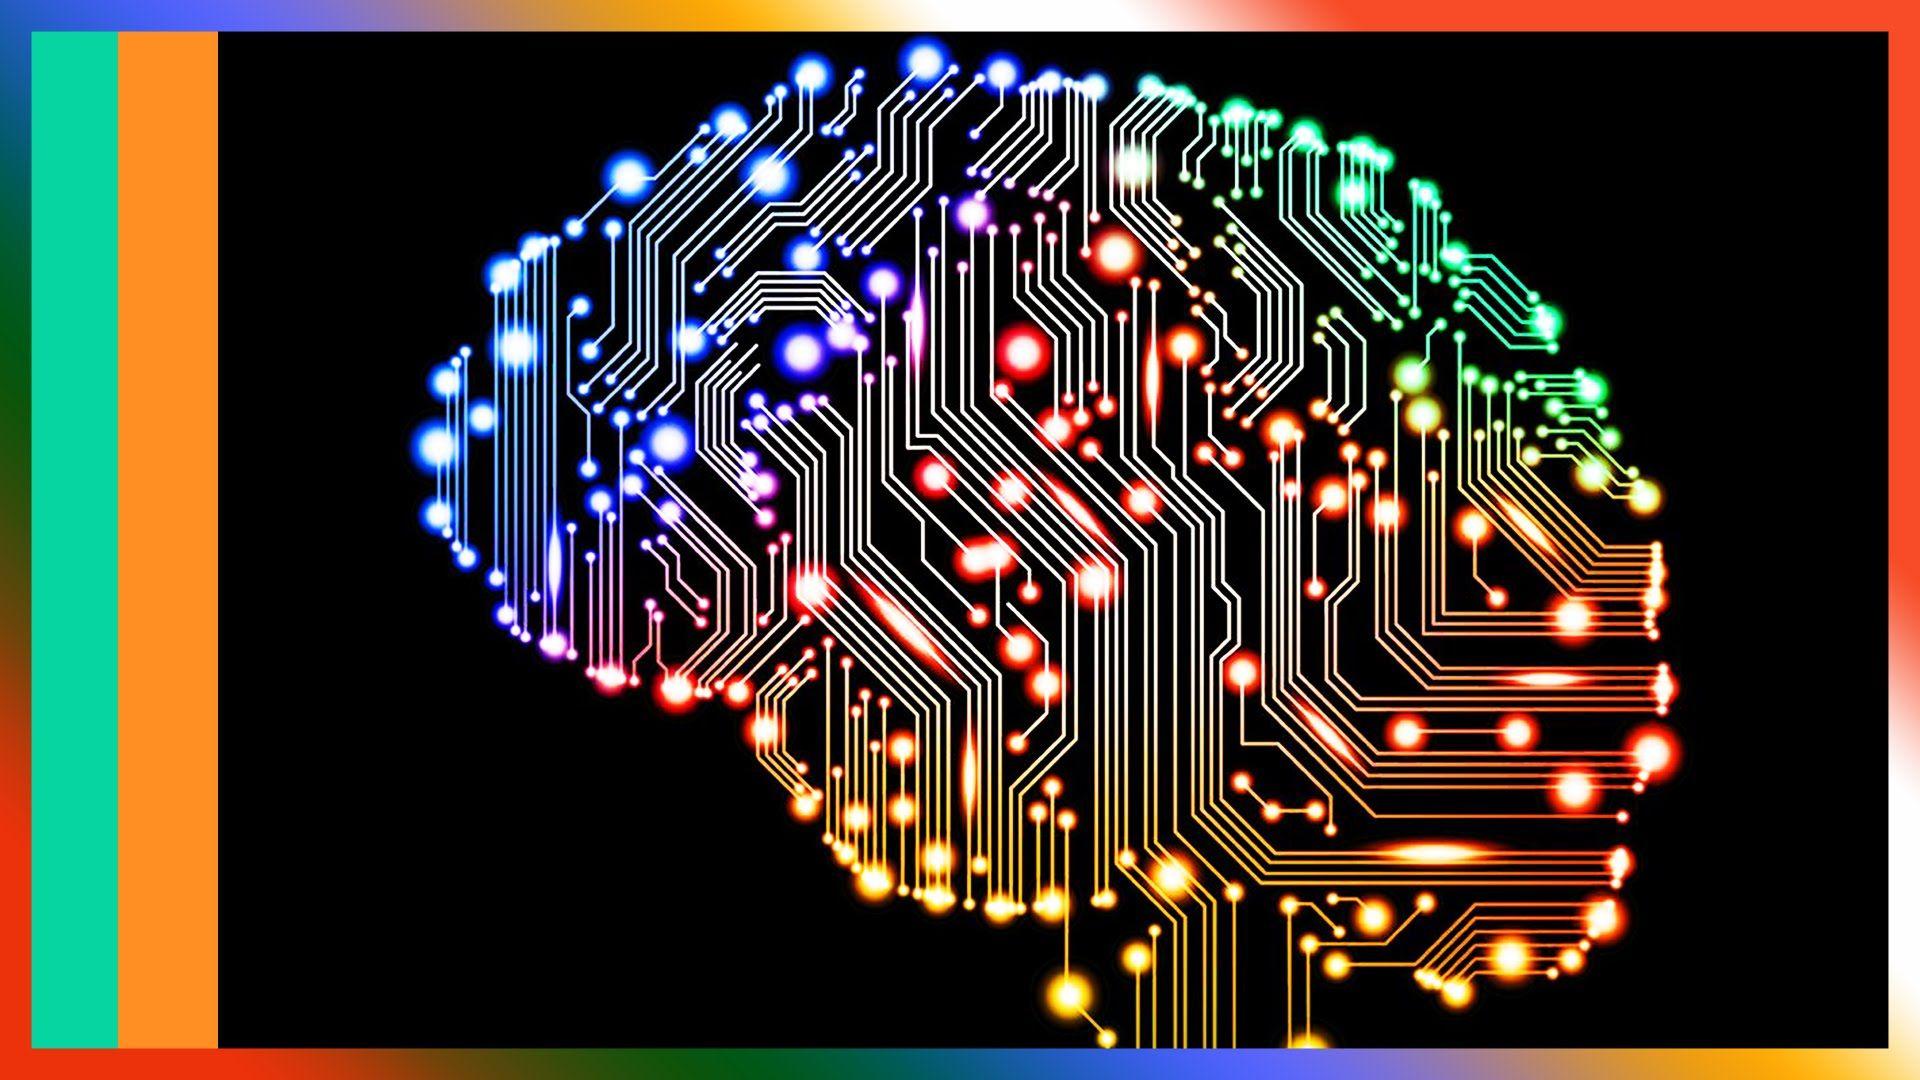 Brain wallpaper photo full hd